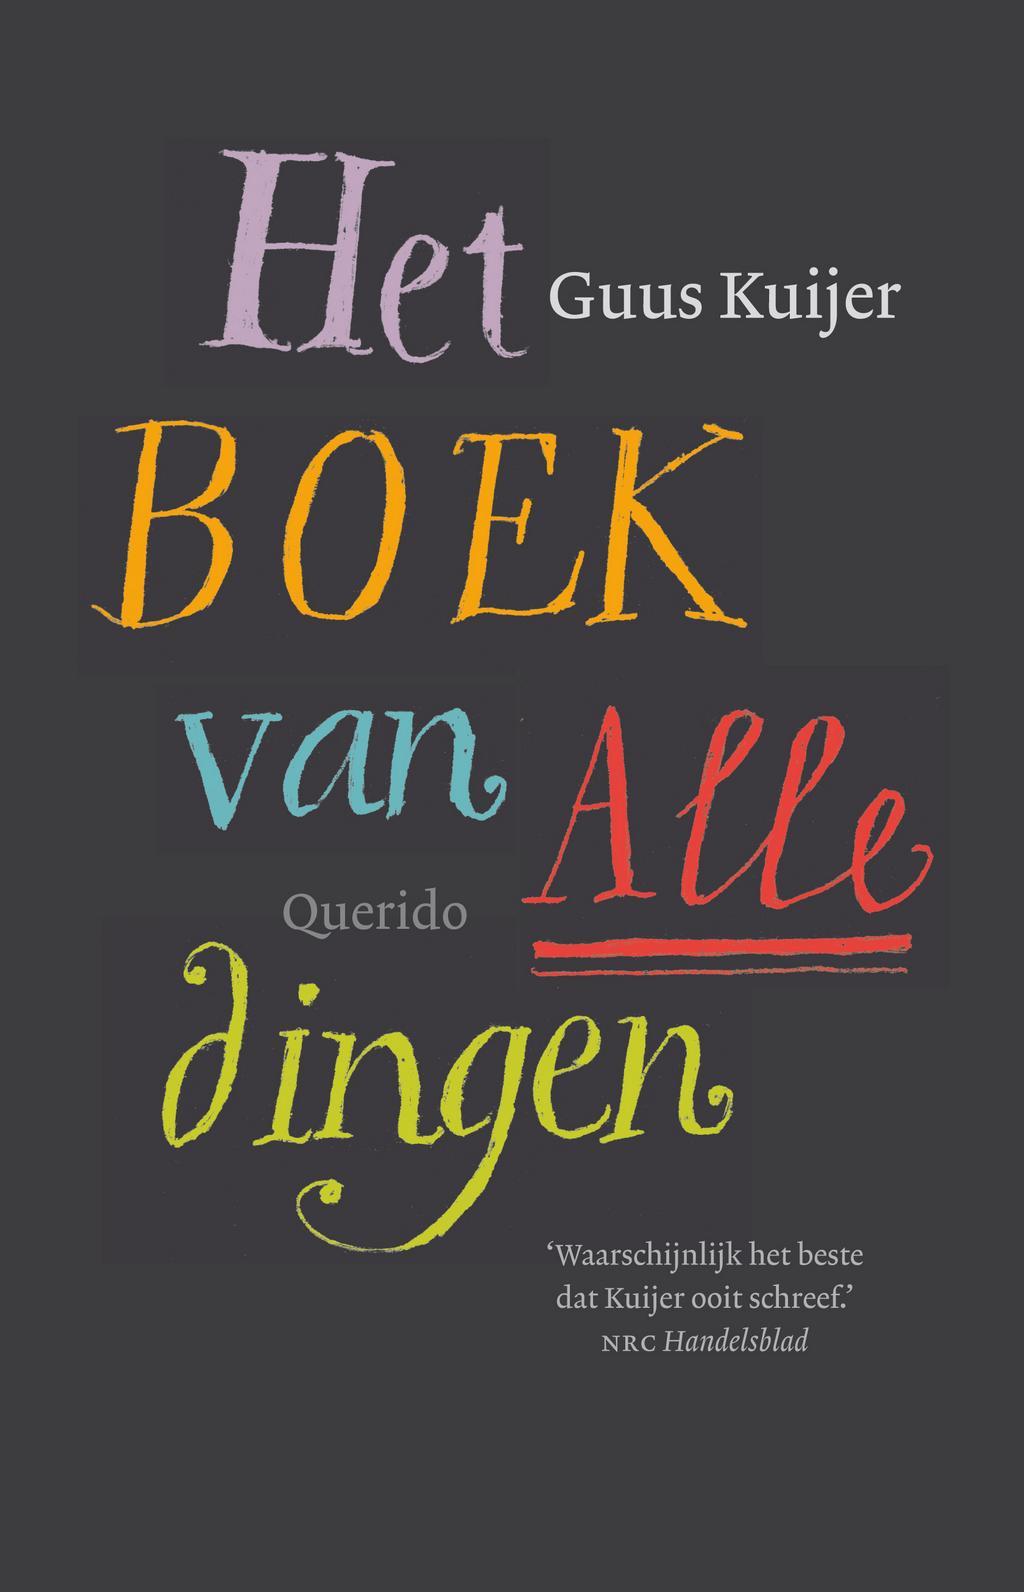 Kniha Guuse Kuijera